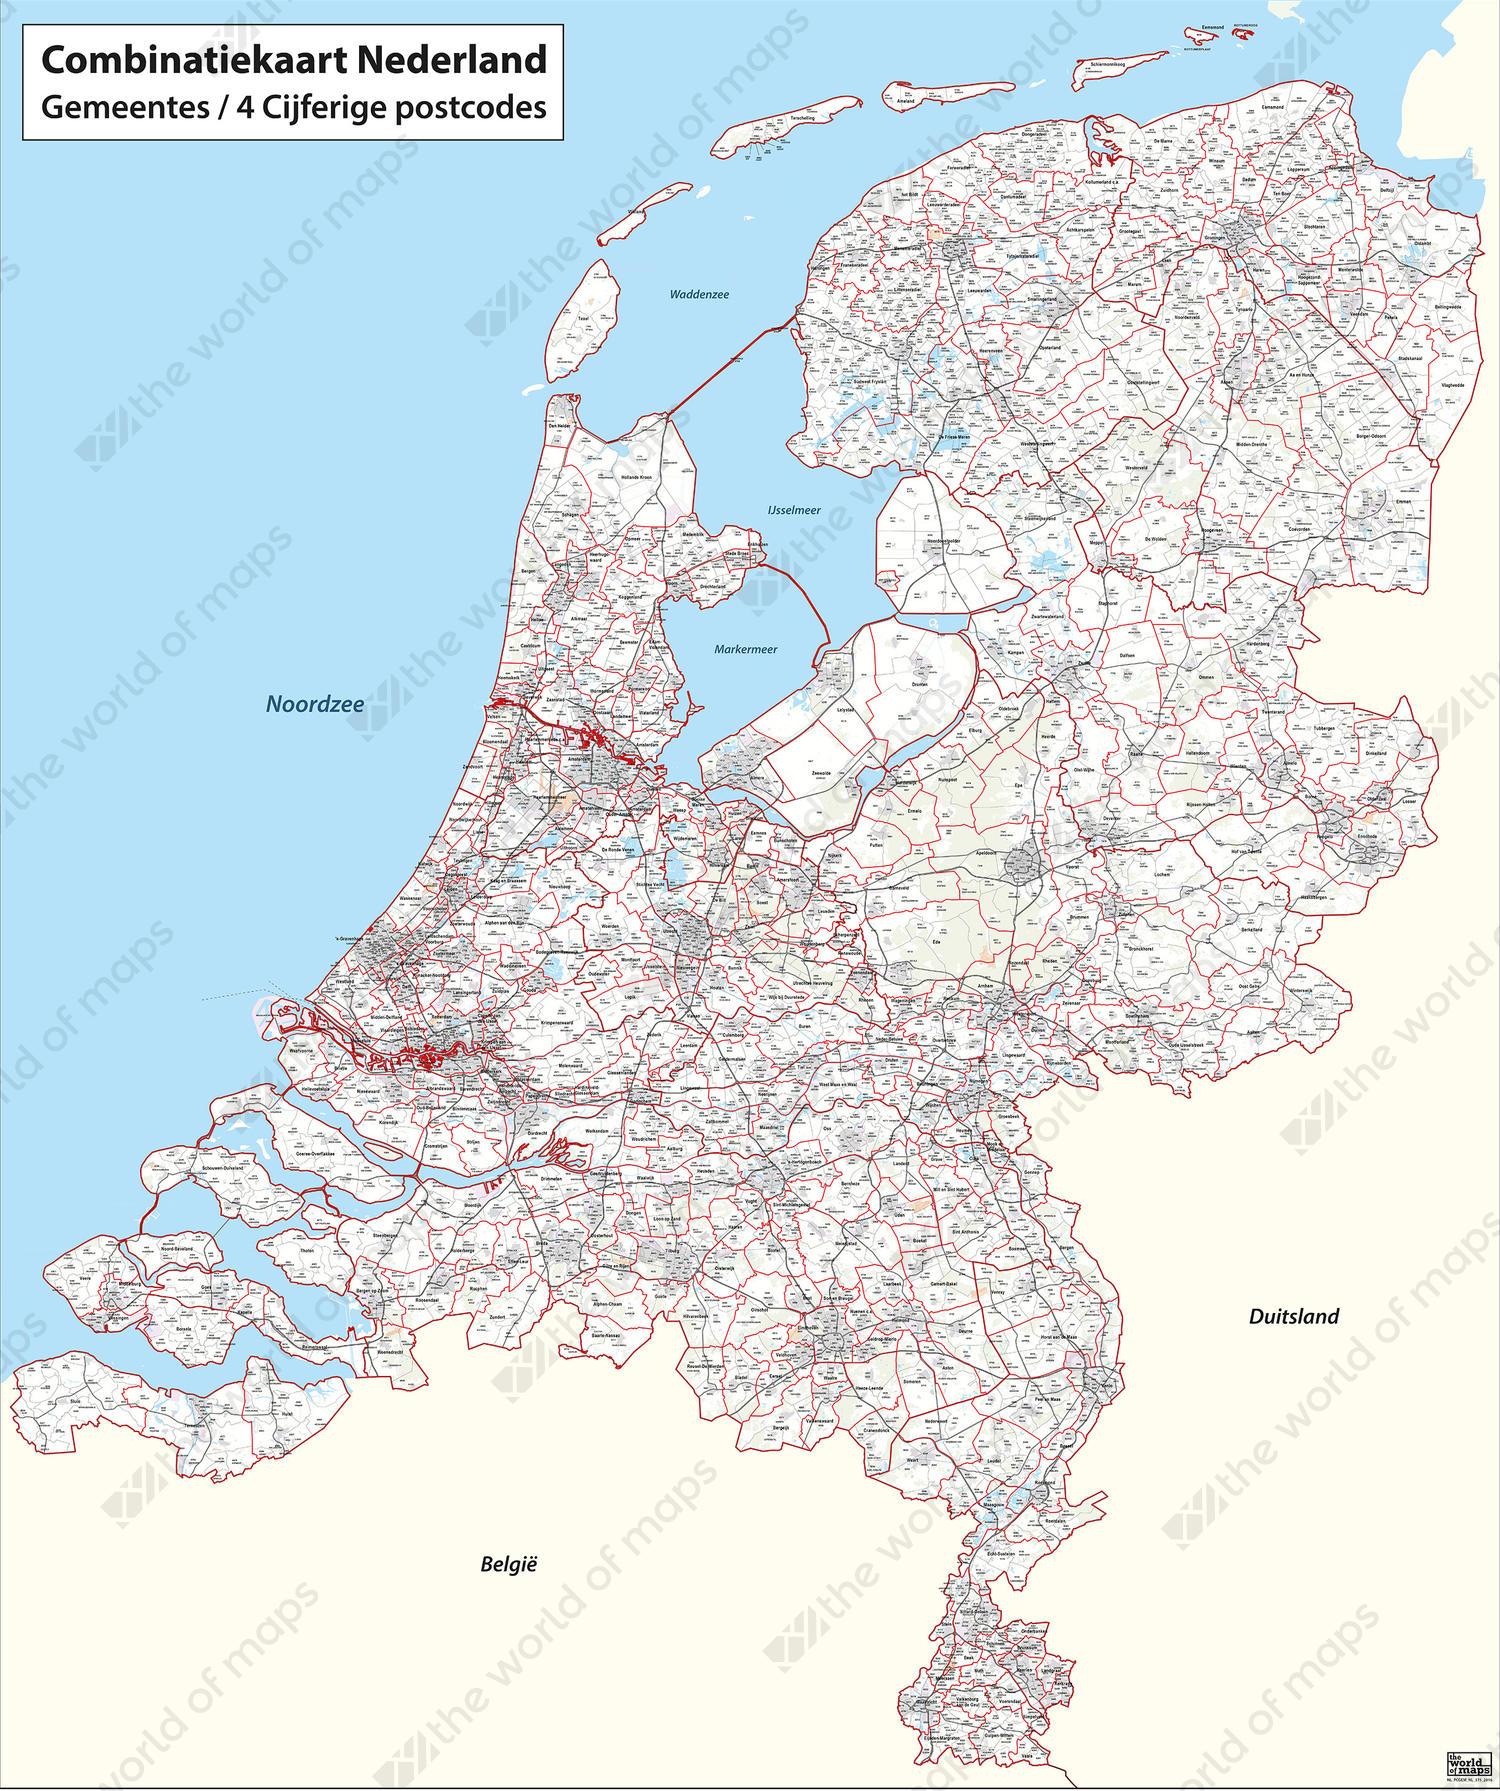 Digital postcode-/municipality map of the Netherlands